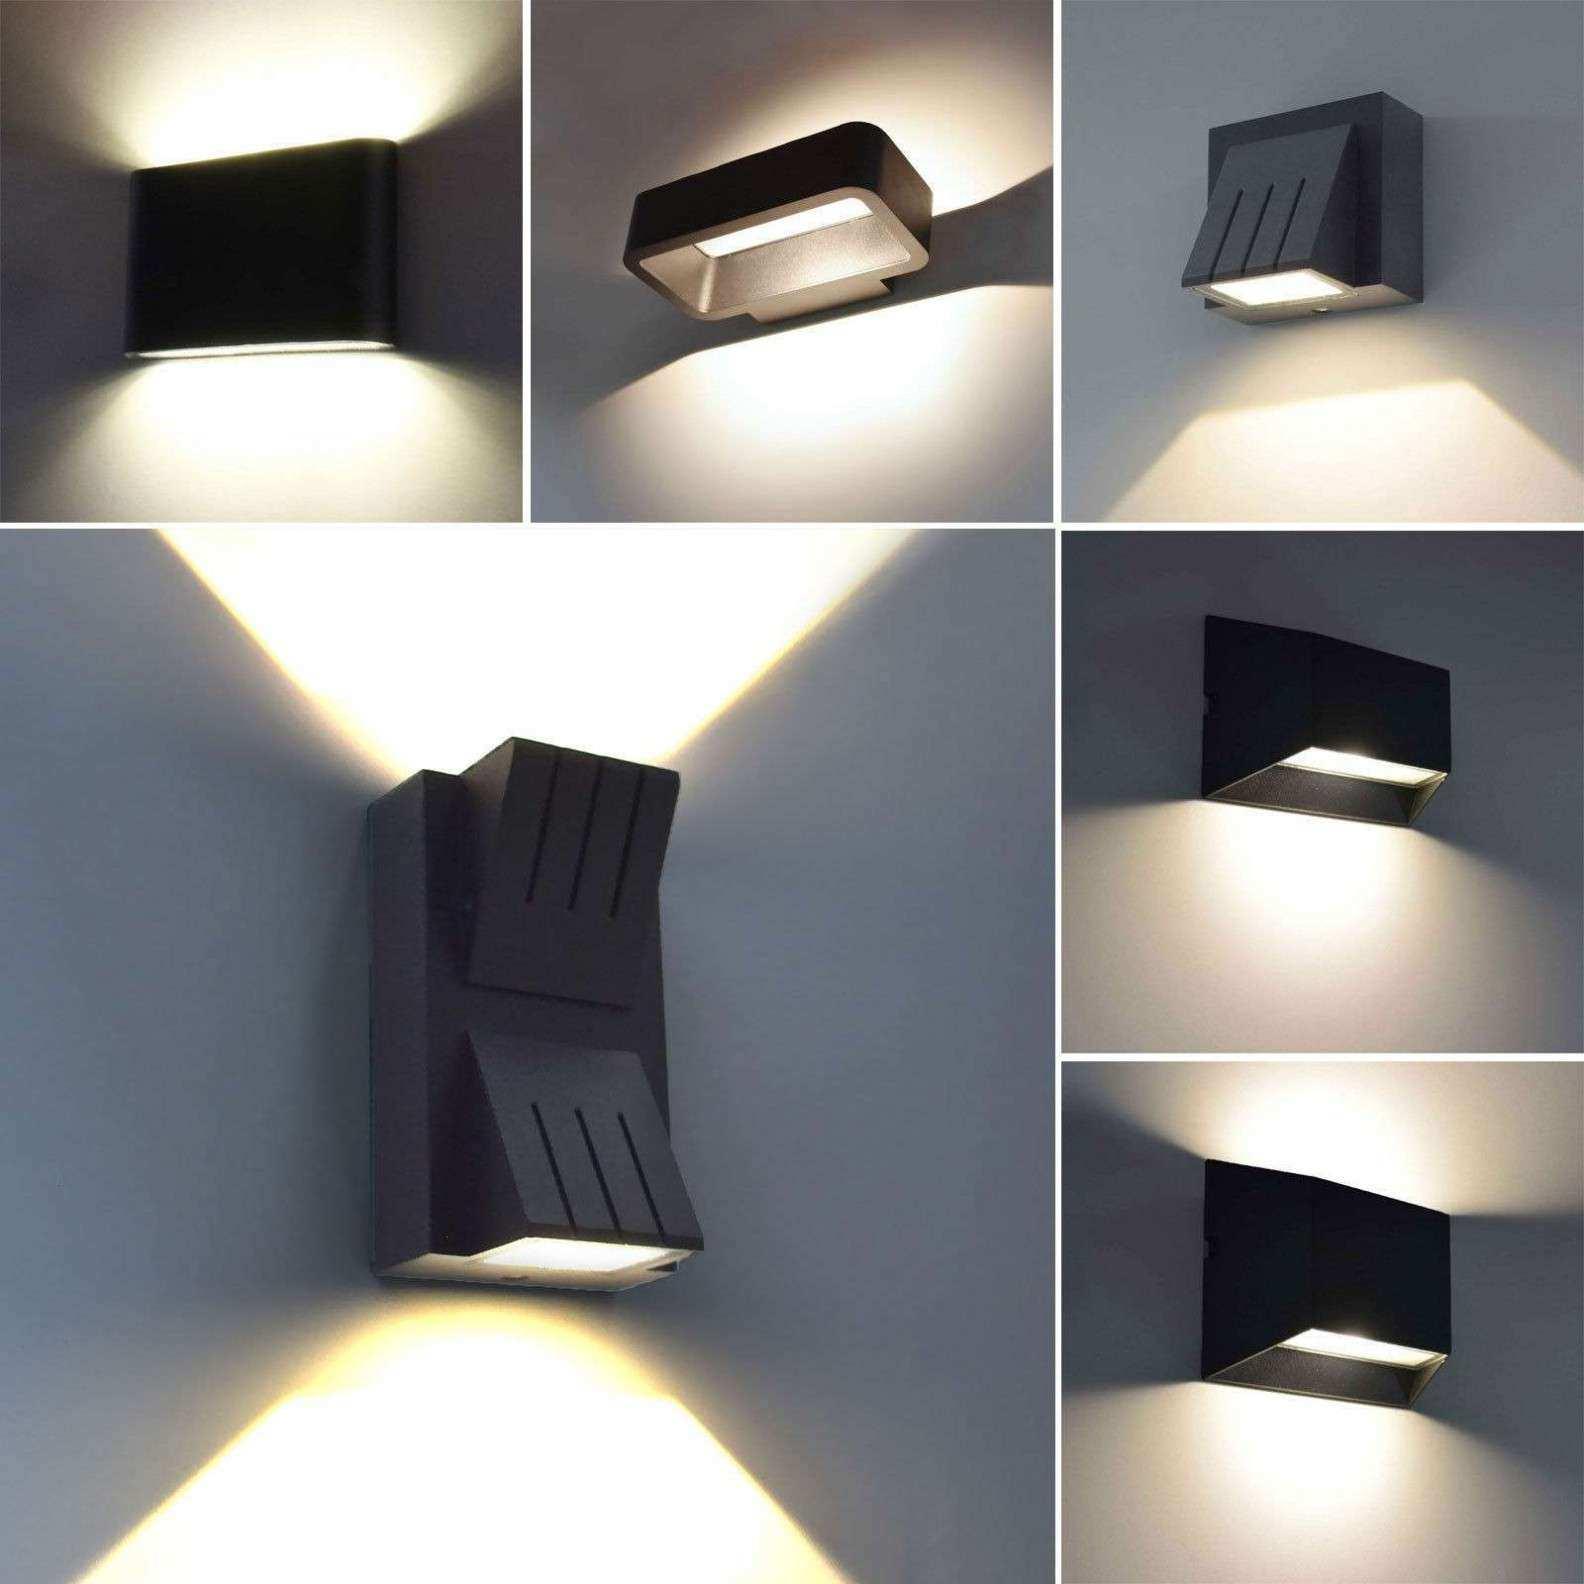 designer stehlampen holz luxus lampen wohnzimmer inspirierend nachttischlampe wand 0d of designer stehlampen holz